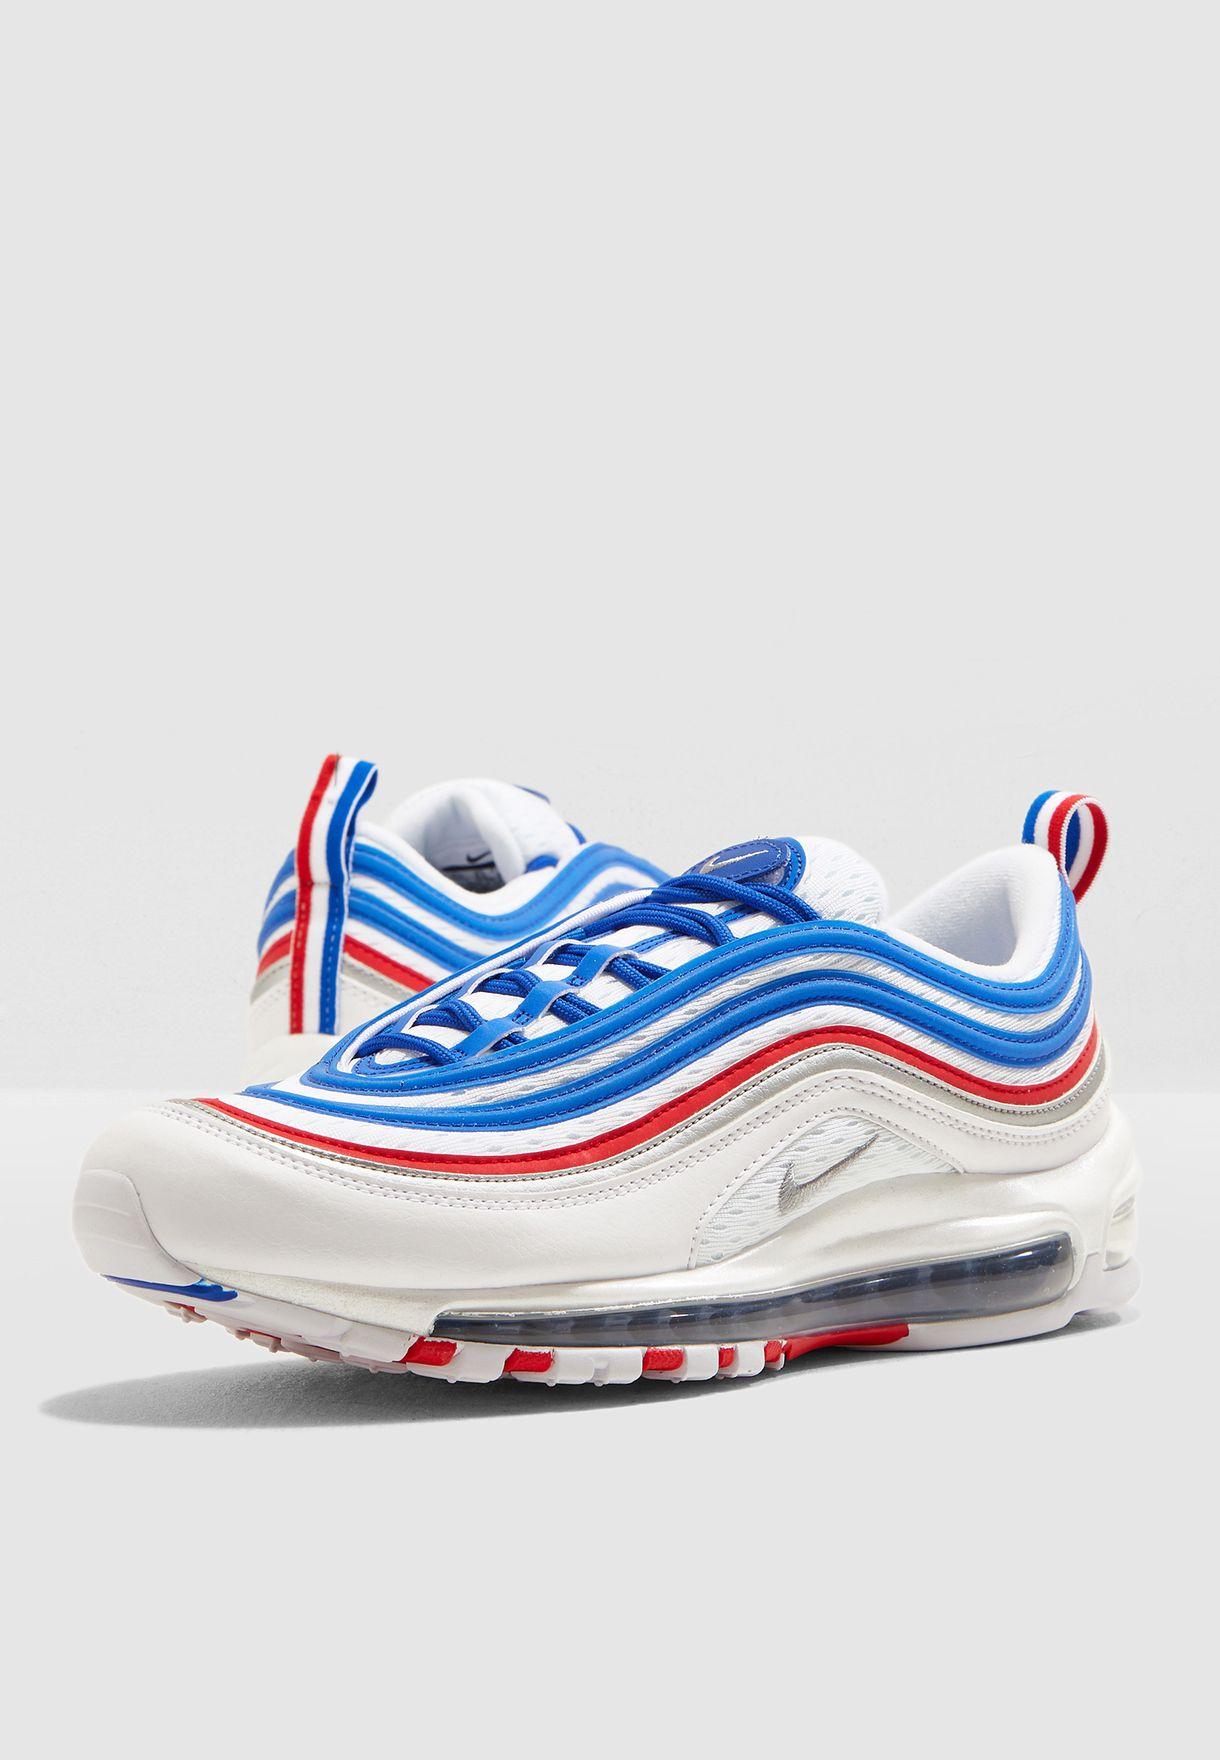 sports shoes 8a295 60246 Air Max 97